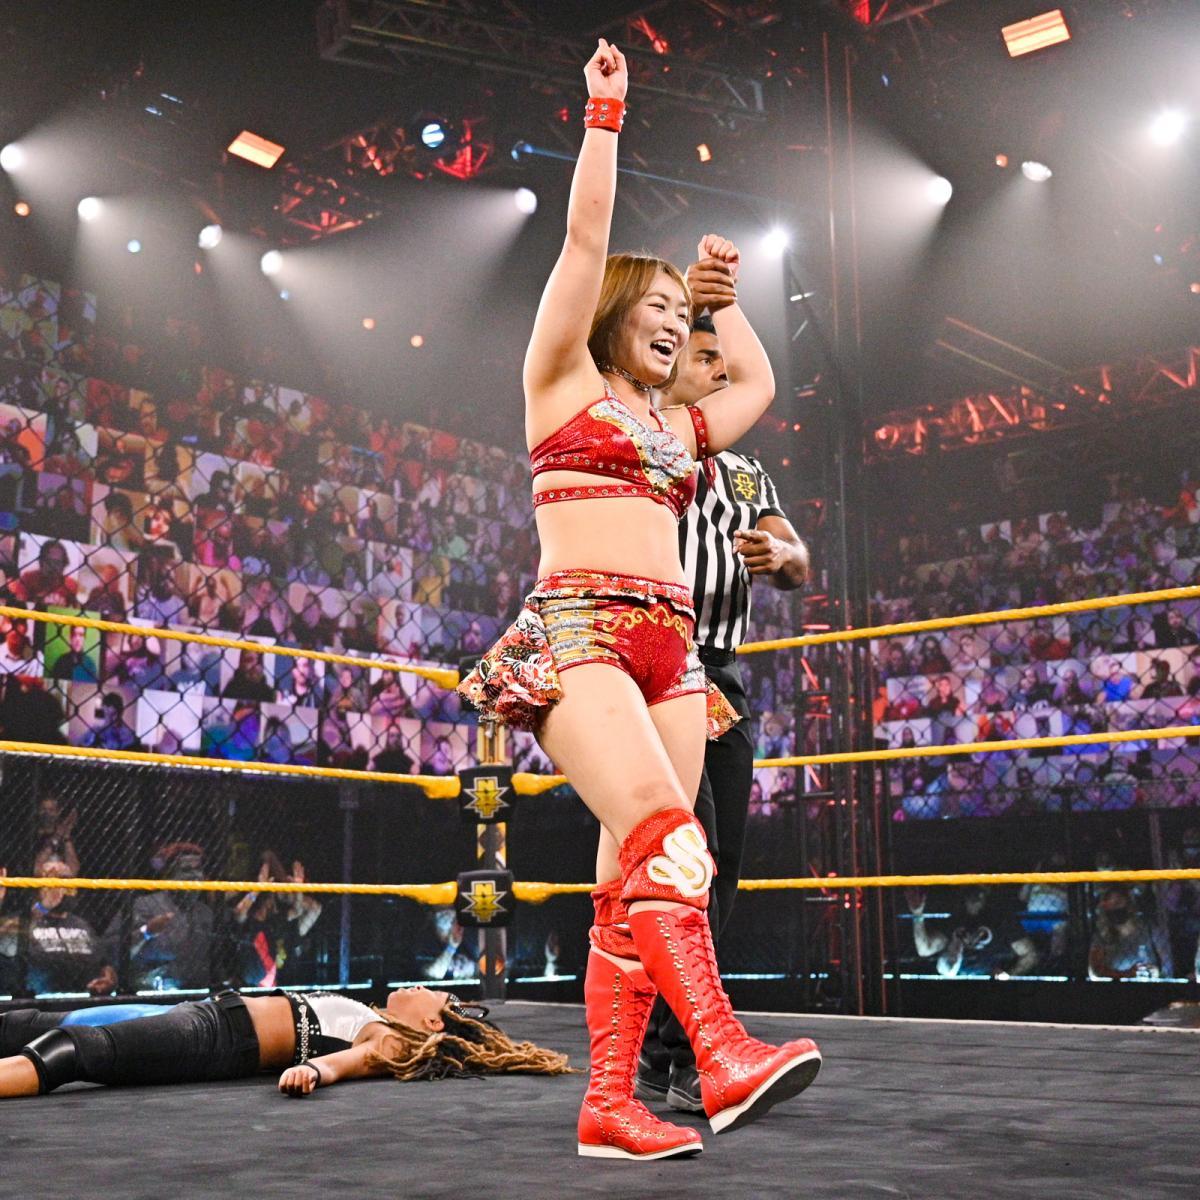 勝ち名乗りを受けるサレイ(C)2021 WWE, Inc. All Rights Reserved.」